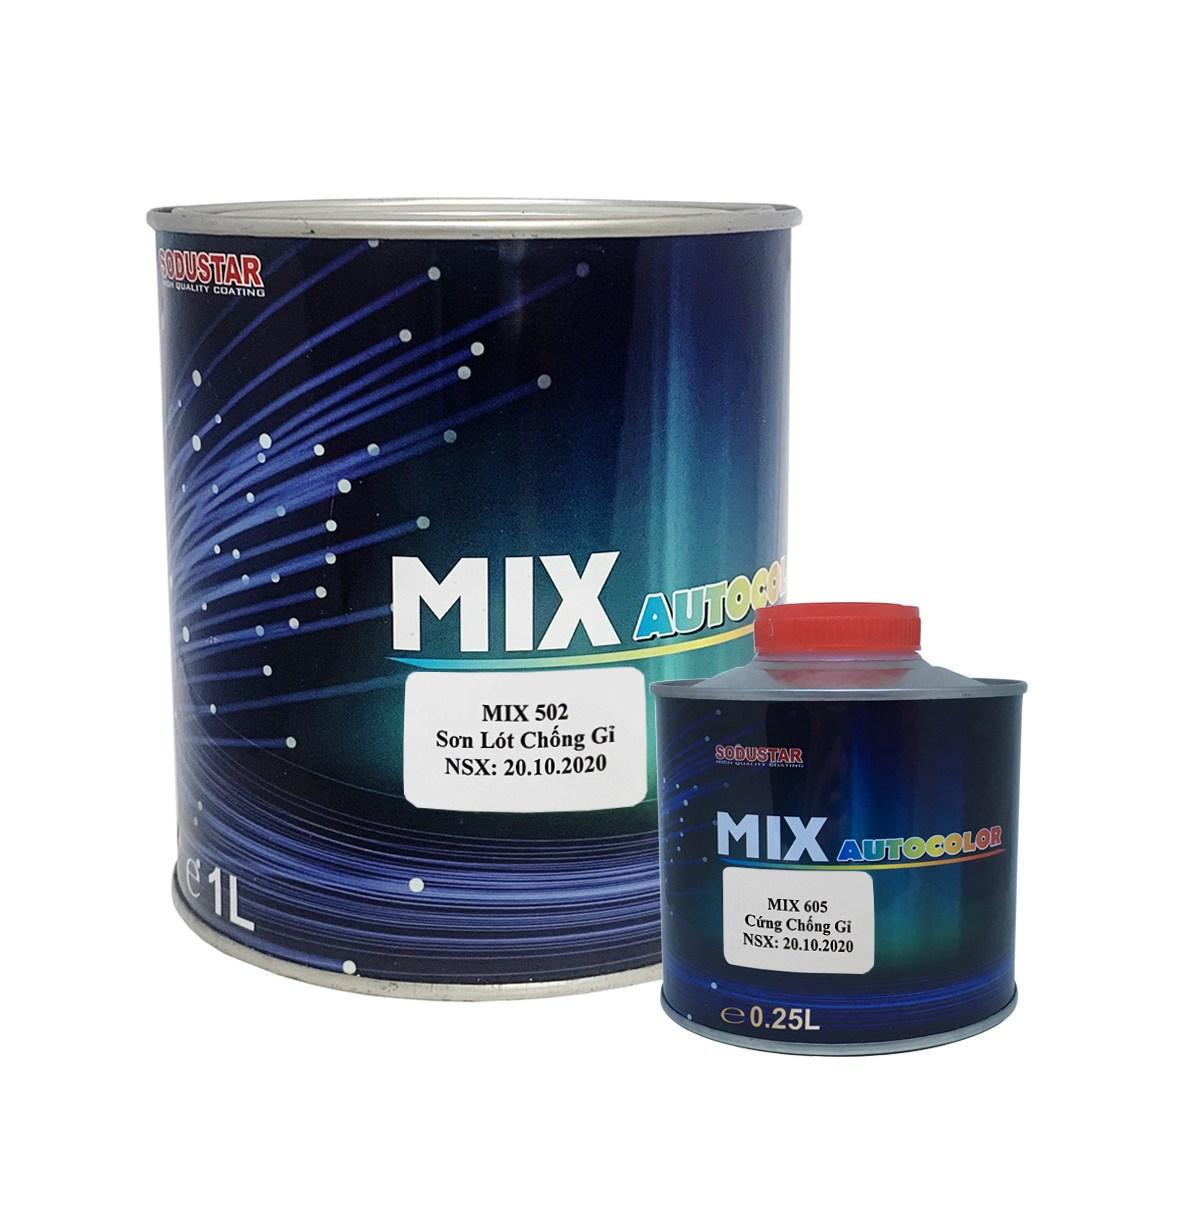 CẶP SƠN LÓT CHỐNG GỈ 2 THÀNH PHẦN (2K) - MIX 502/MIX 605